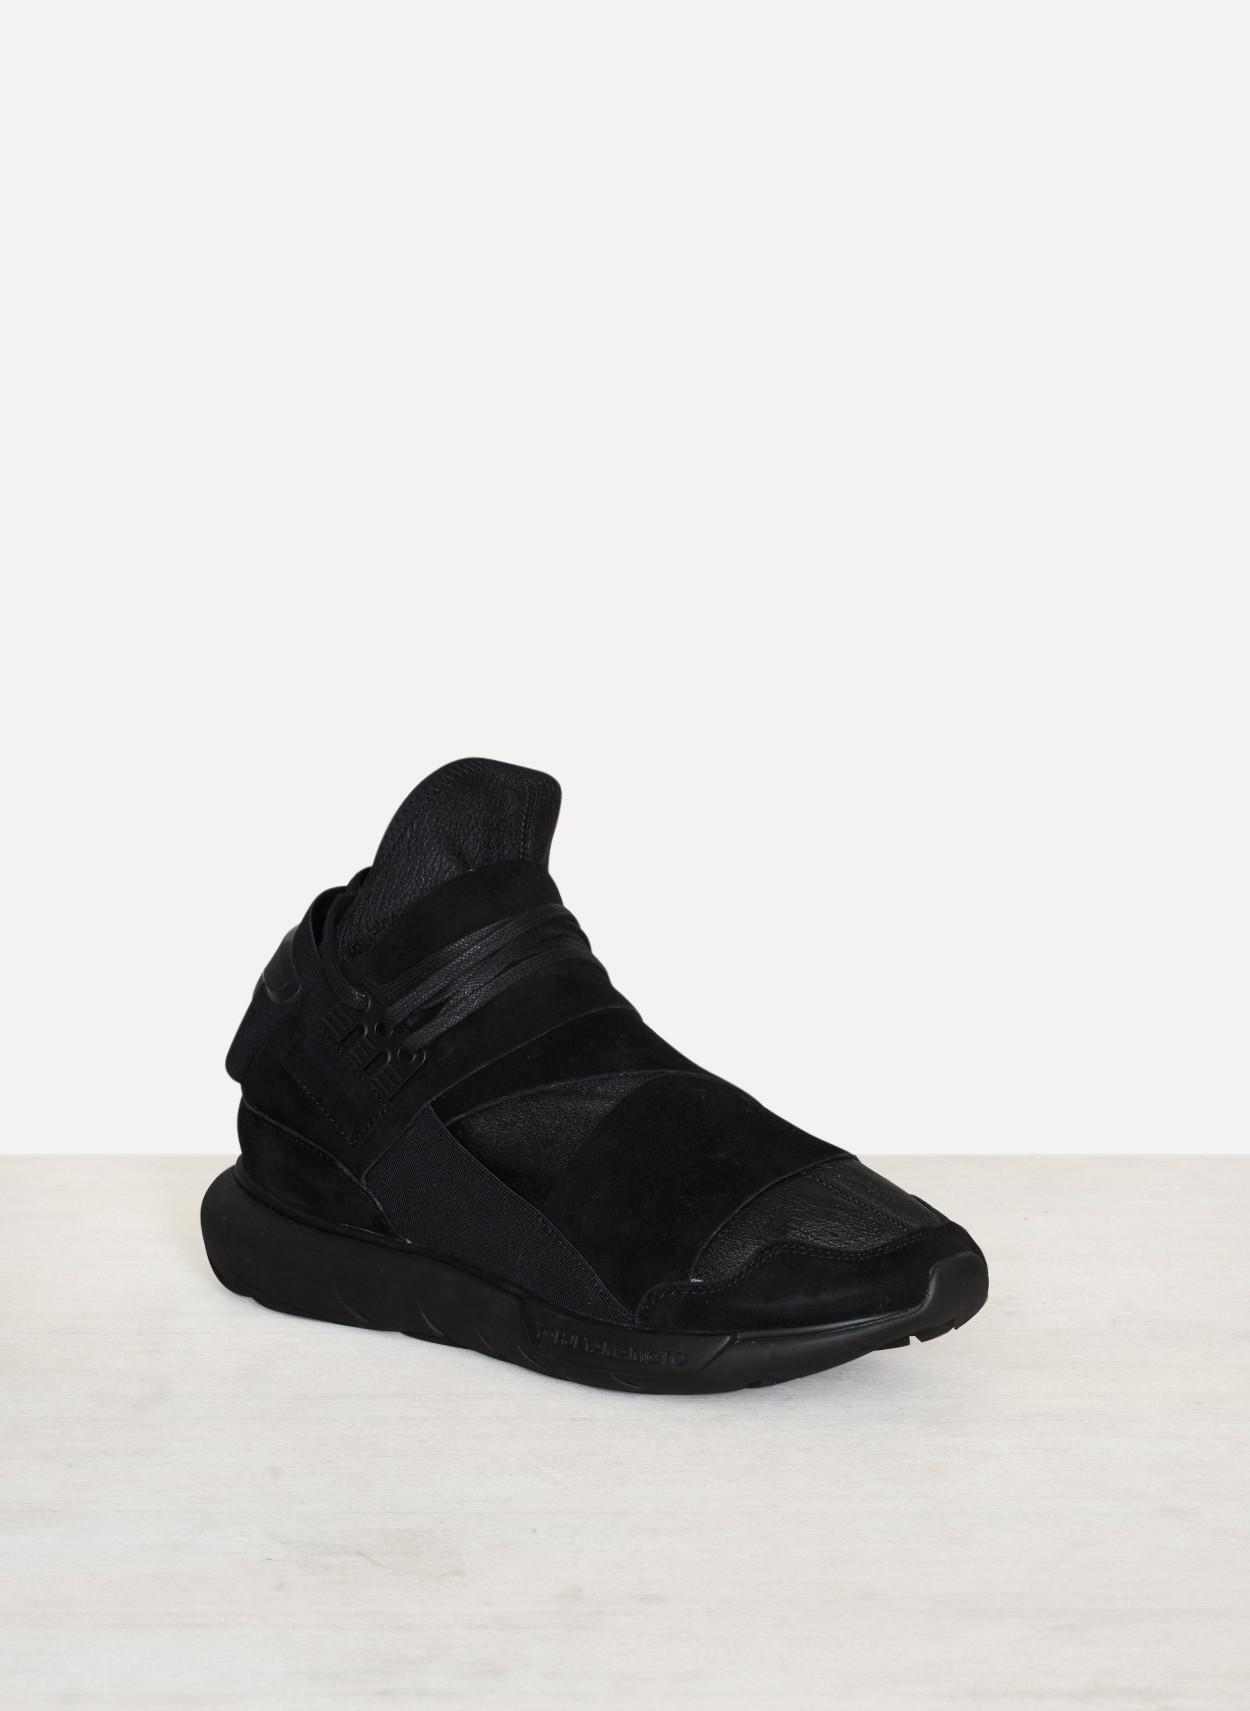 beeb42ee65da0 Lyst - Y-3 Leather Qasa High for Men